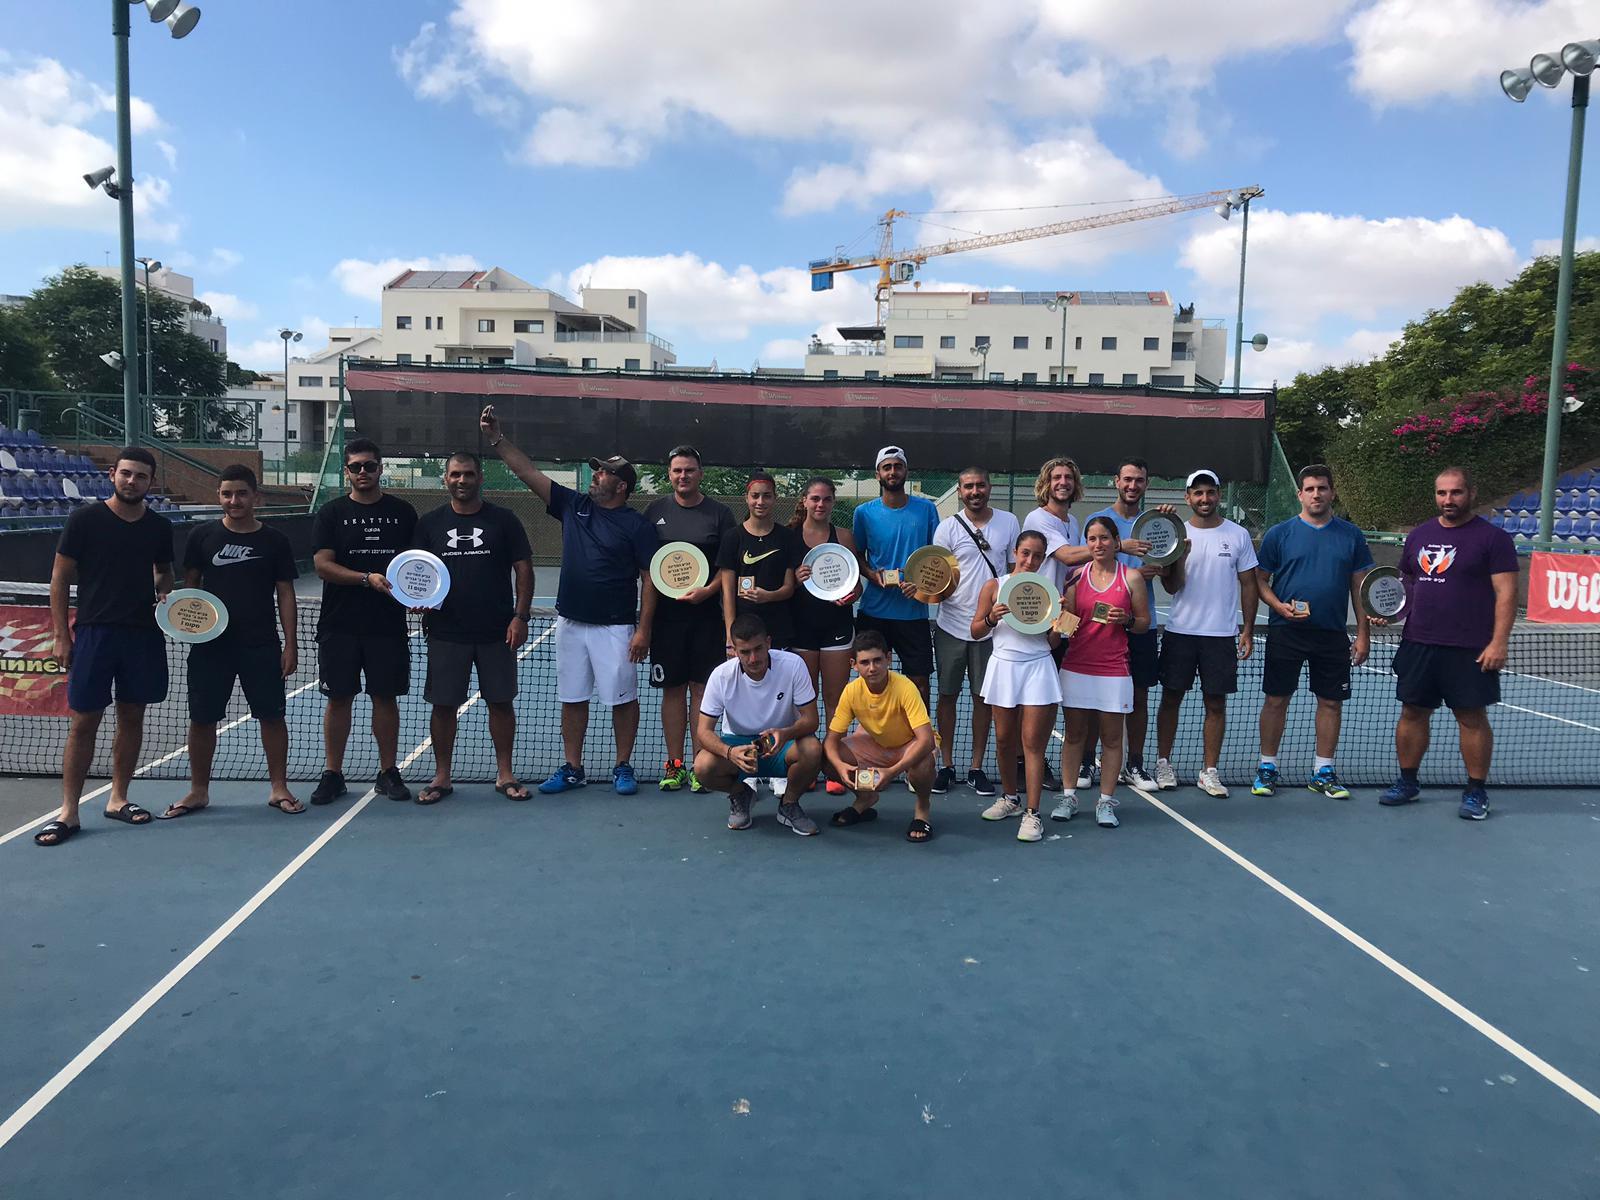 קבוצת הטניס מאקדמיית AK לטניס שזכתה בגביע